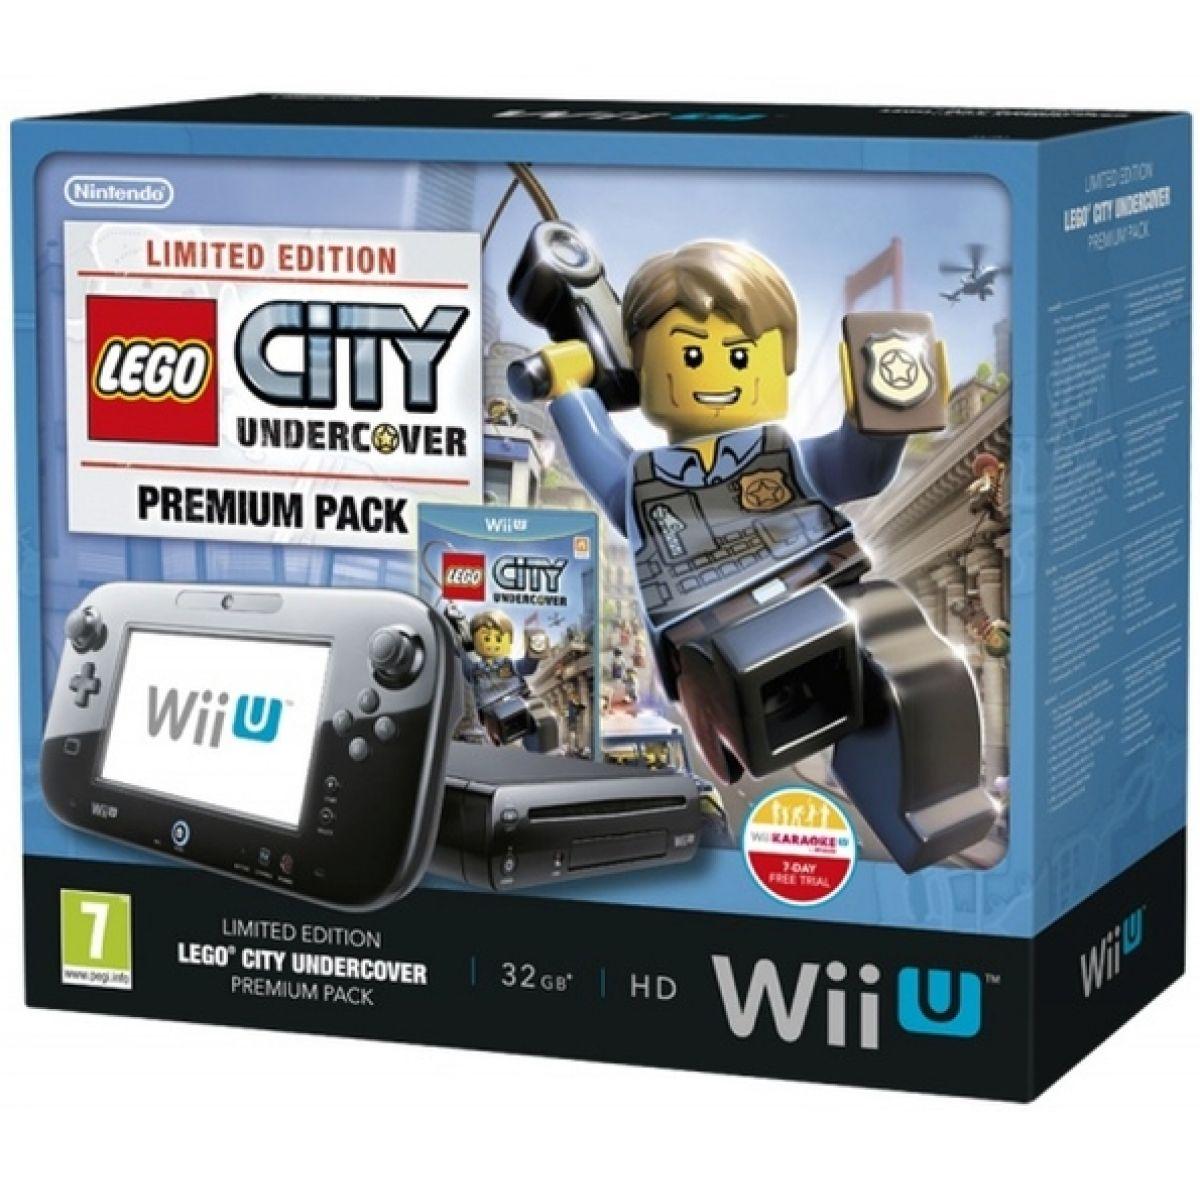 Nintendo Wii U Black Premium Pack 32GB + LEGO City Undercover